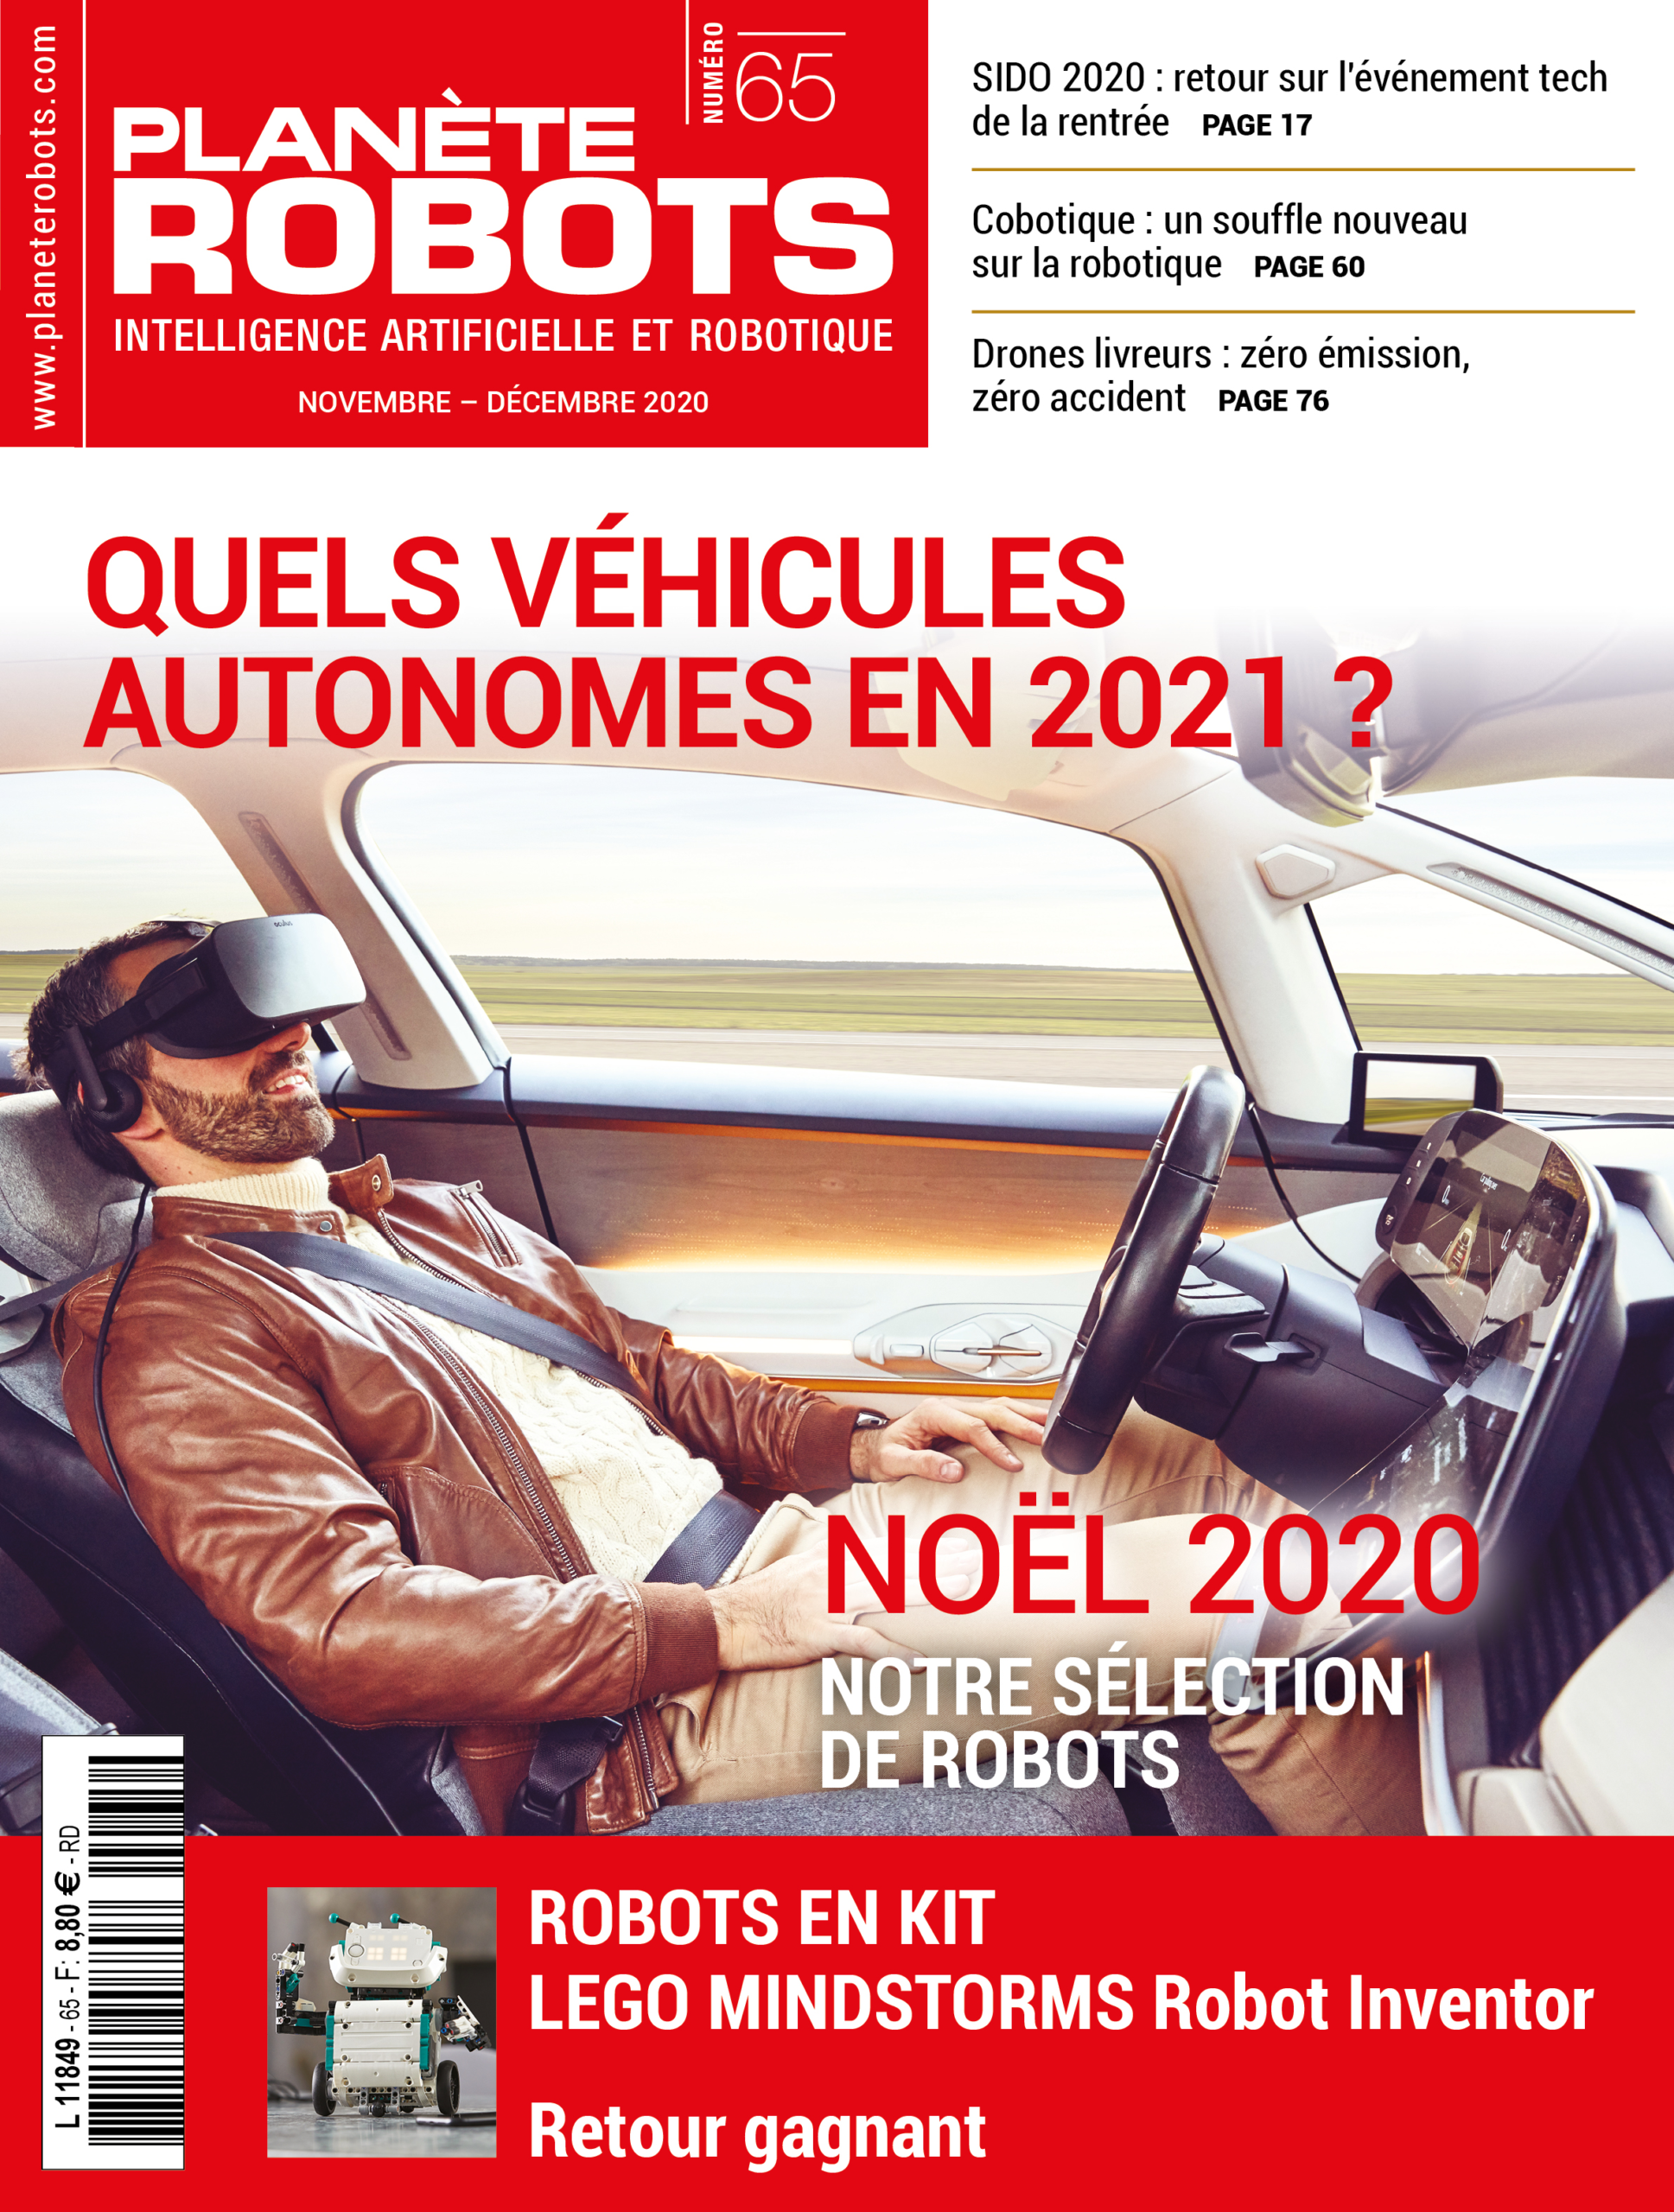 ALKS norme internationale sur les véhicules autonomes